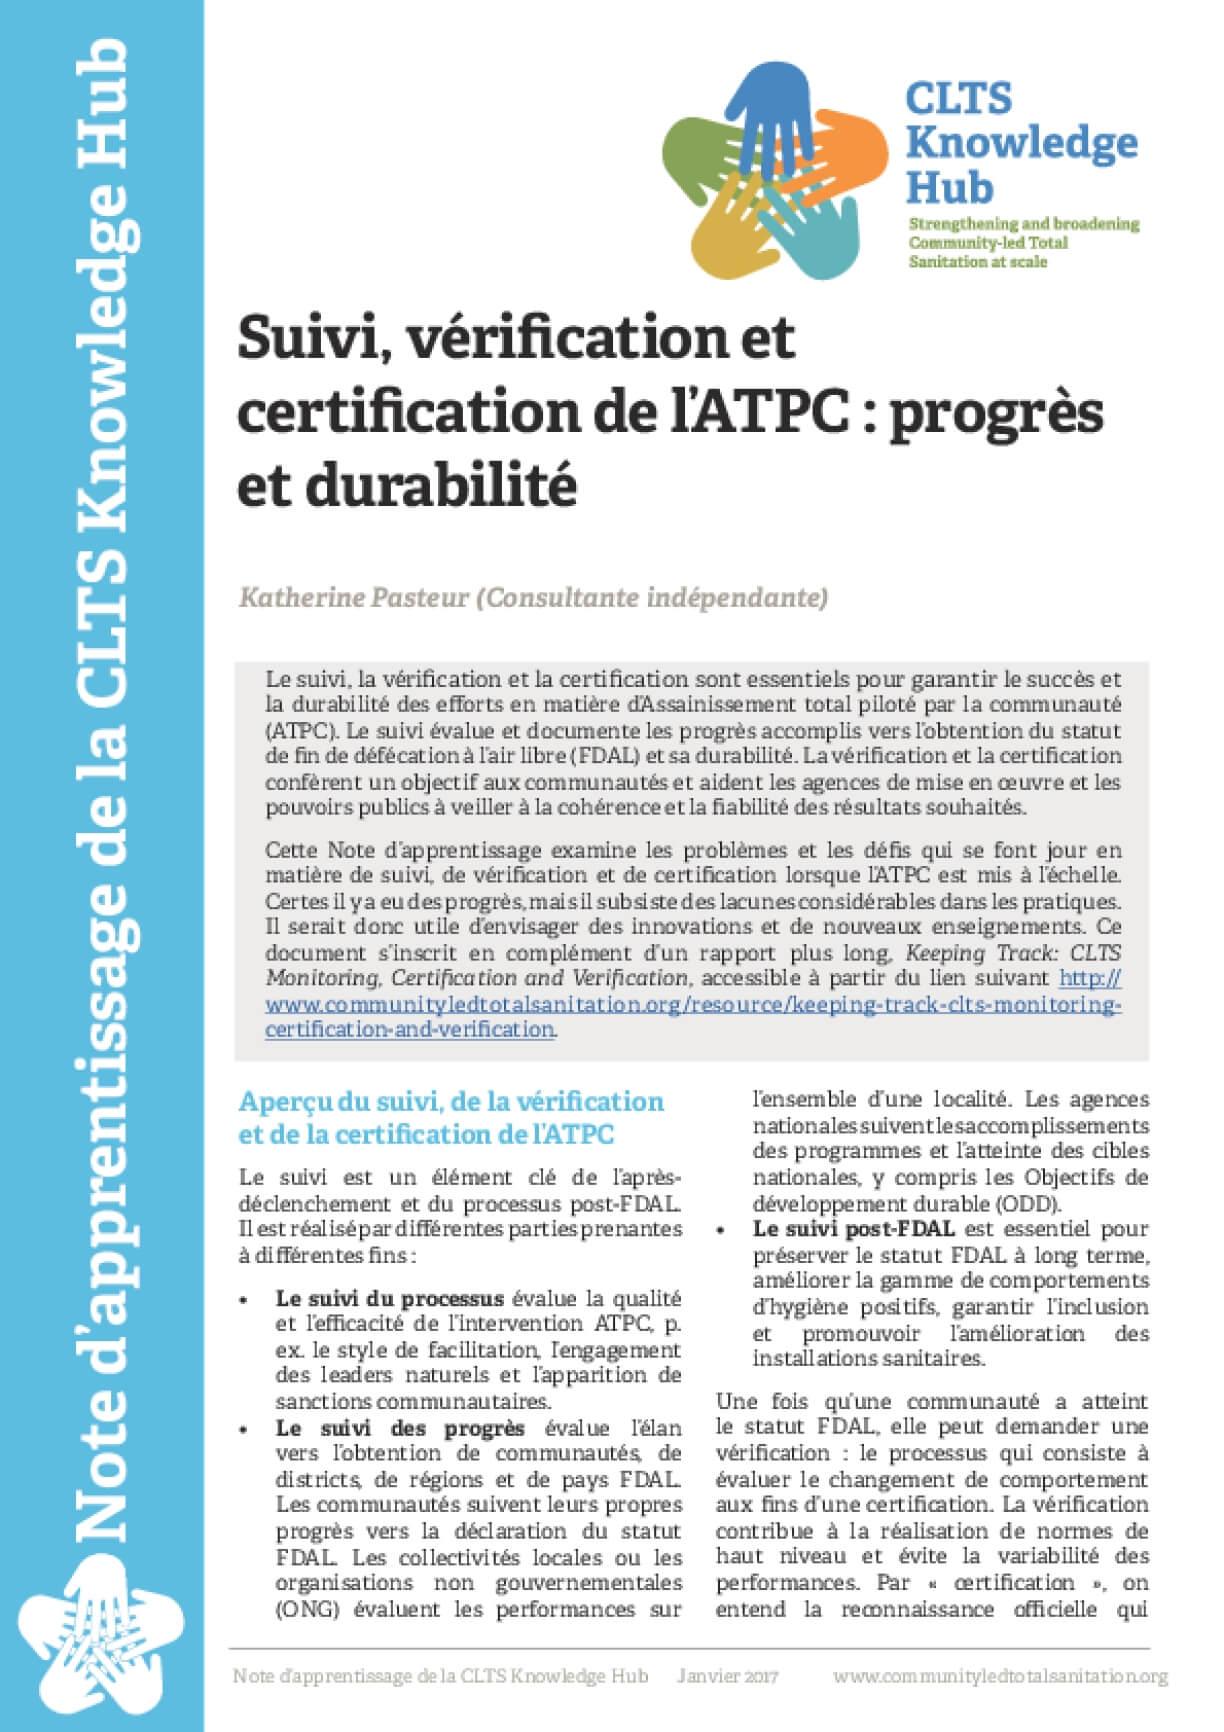 Suivi, vérification et certifcation de l'ATPC : progrès et durabilité